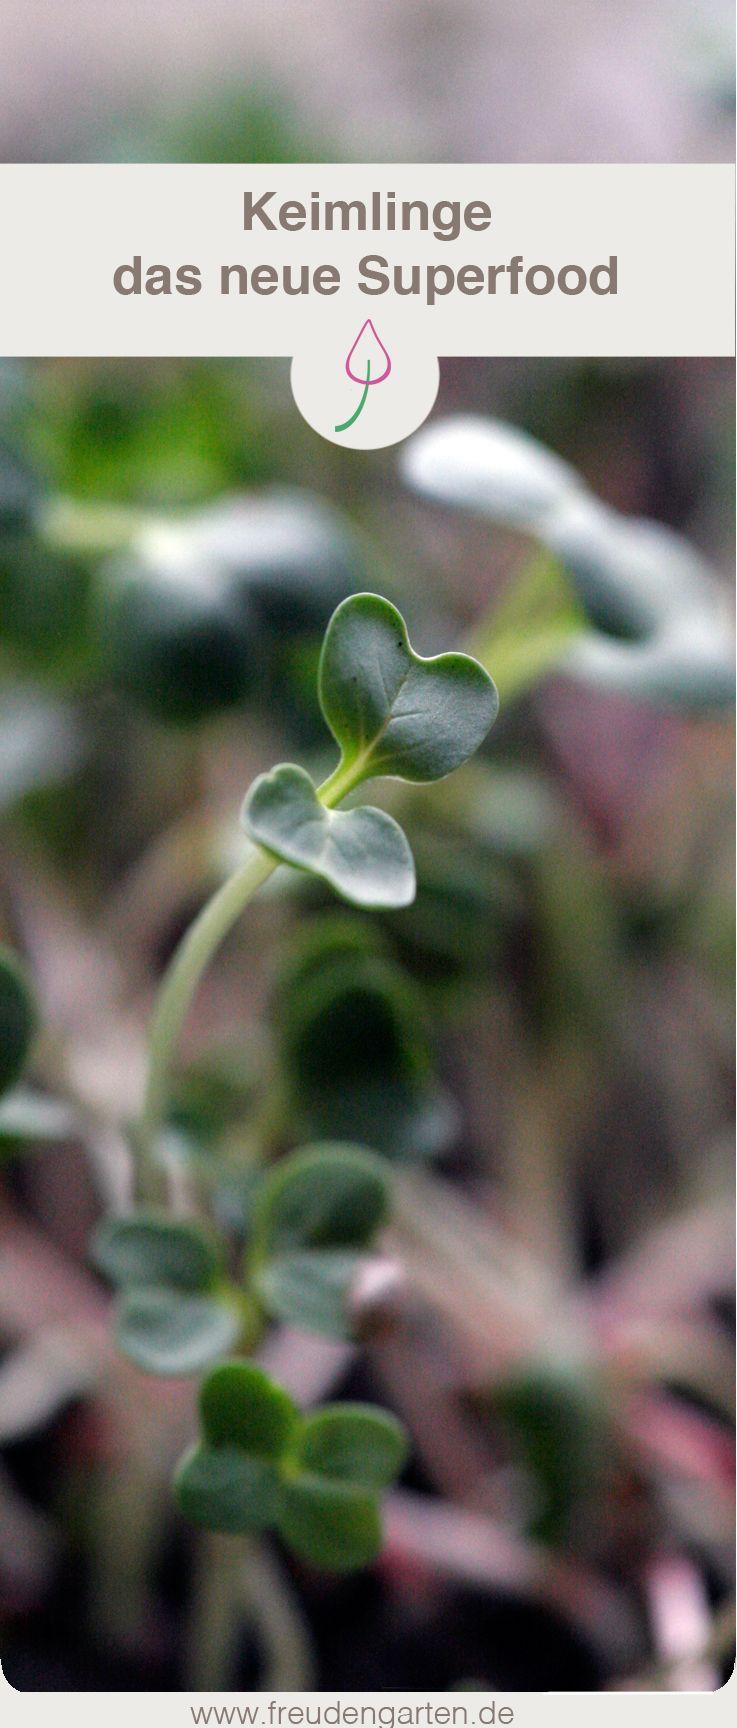 Keimlinge Zu Hause Selber Ziehen Eine Anleitung Keimling Pflanzen Sprossen